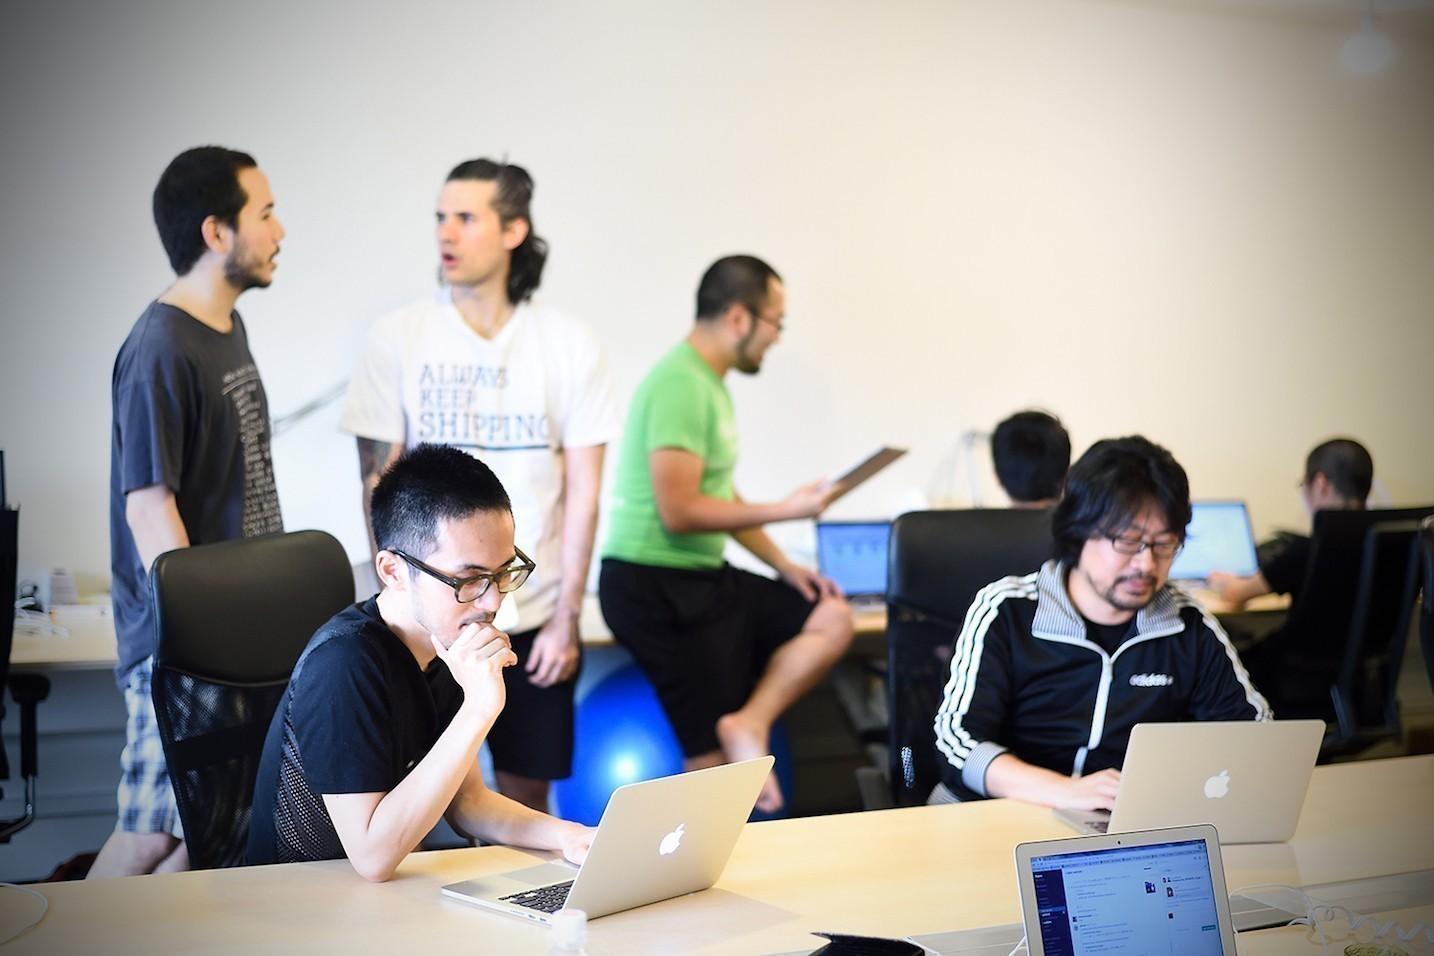 【Xamarin/React Native】グロースハックツール「Repro」のSDKを担当するエンジニア募集!